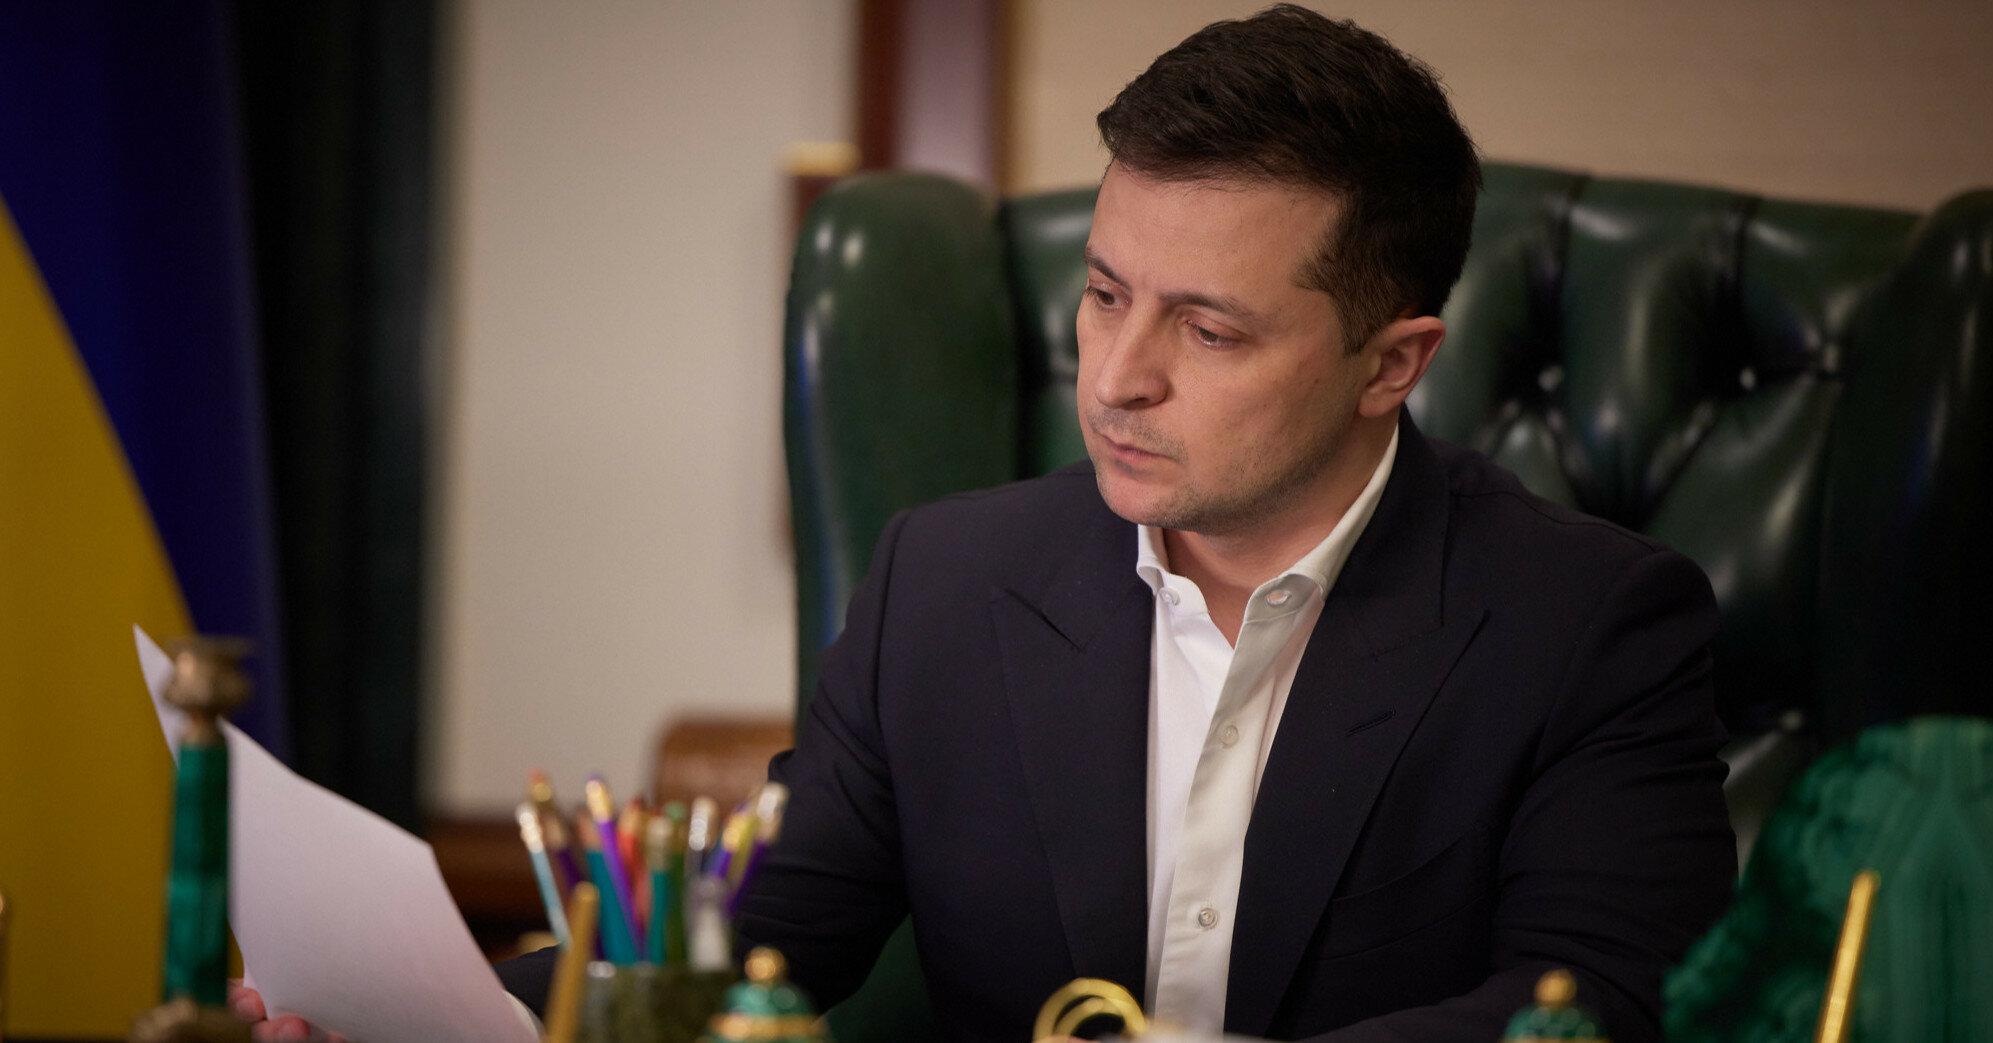 Нового пресс-секретаря Зеленского назначат уже сегодня